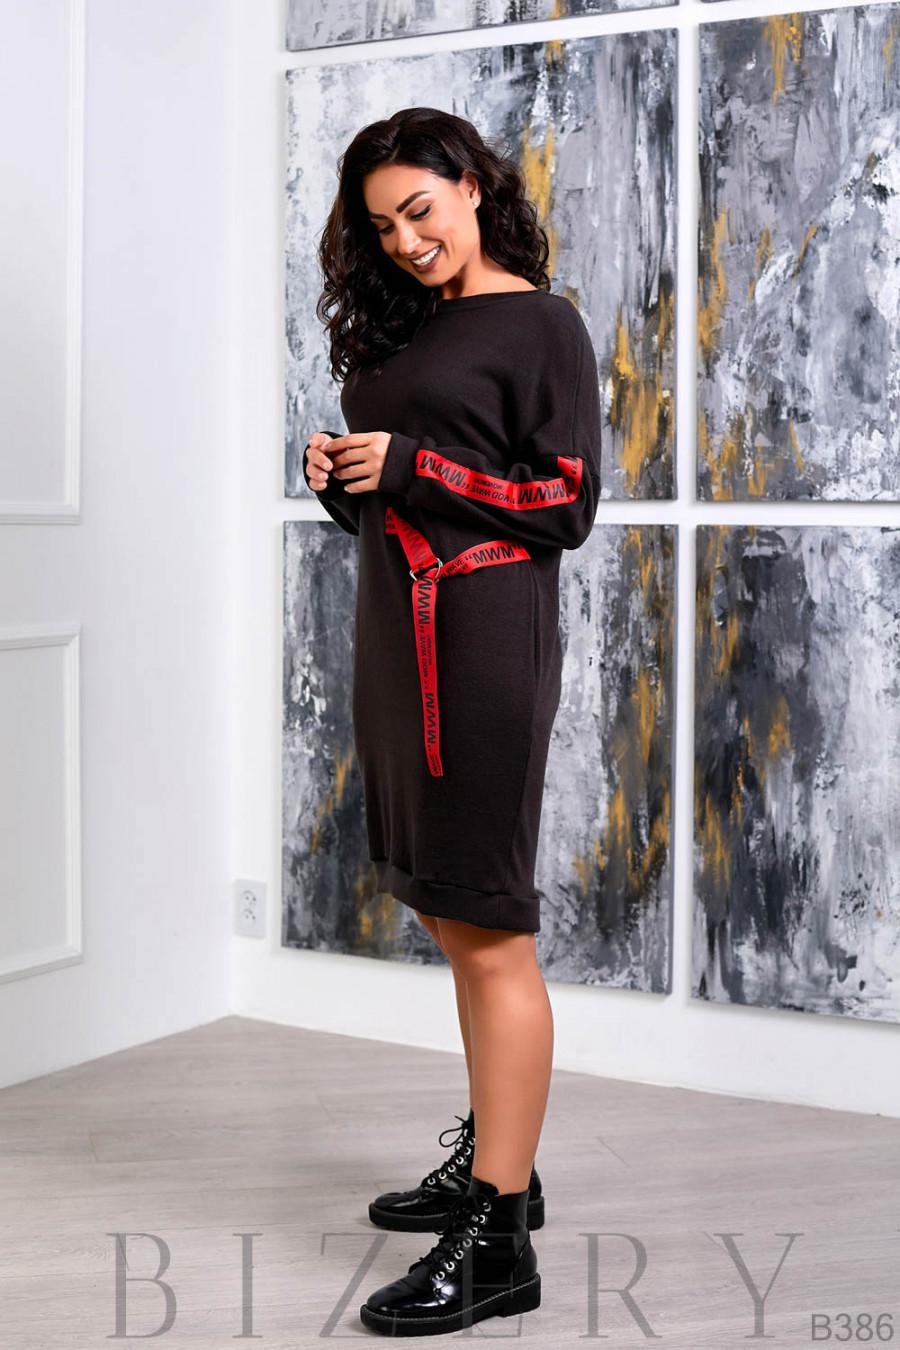 Повседневное платье полу-спорт в чёрном цвете B386